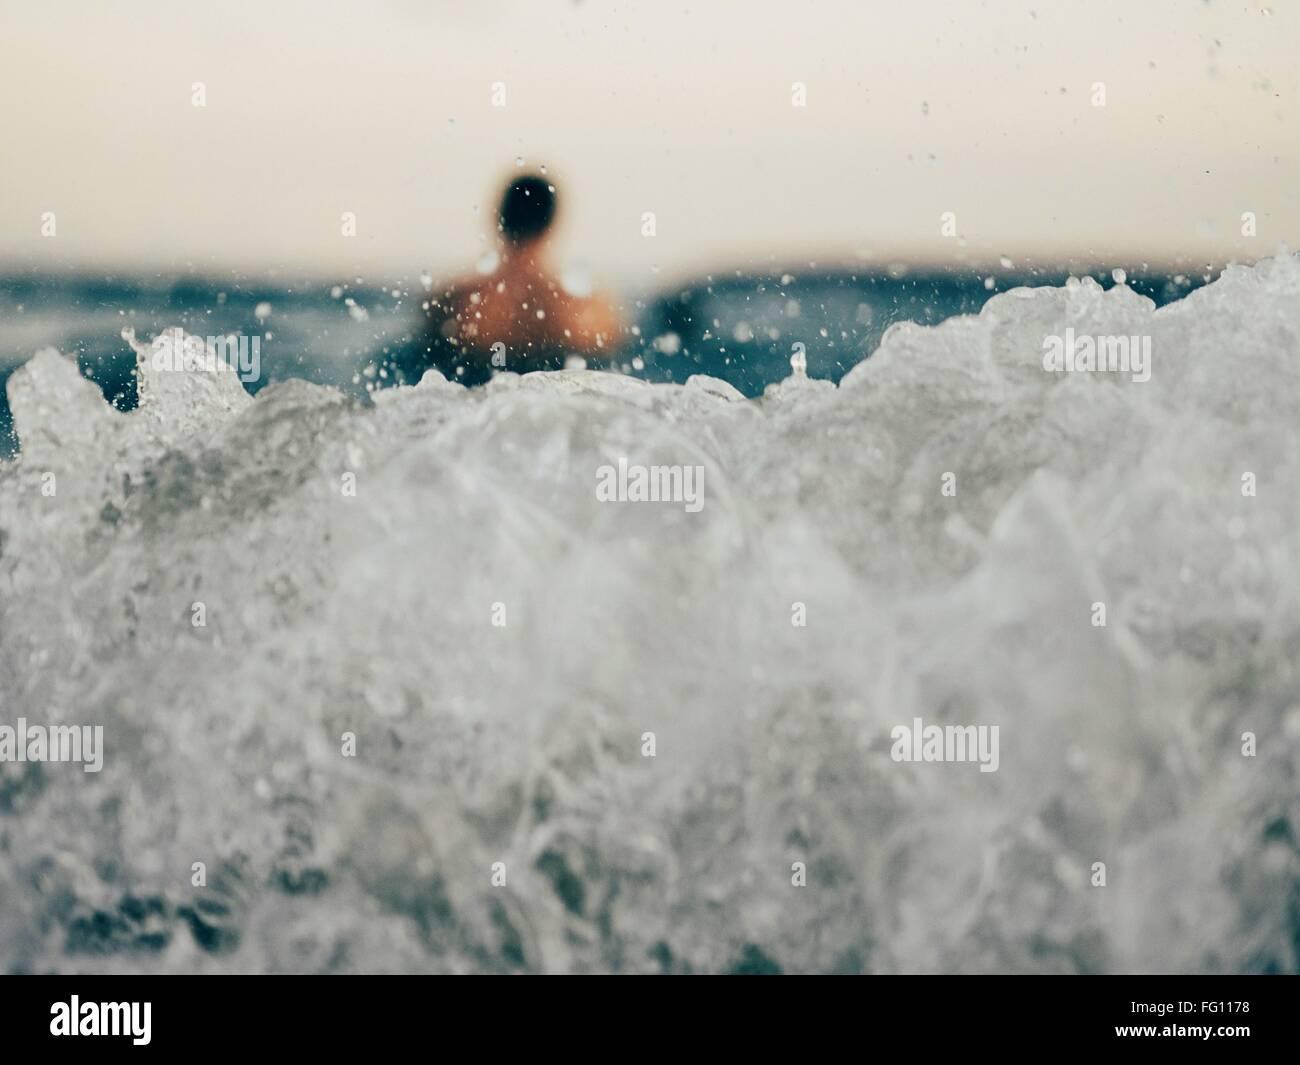 Nahaufnahme der Welle mit unscharfen Mann im Abstand Stockbild